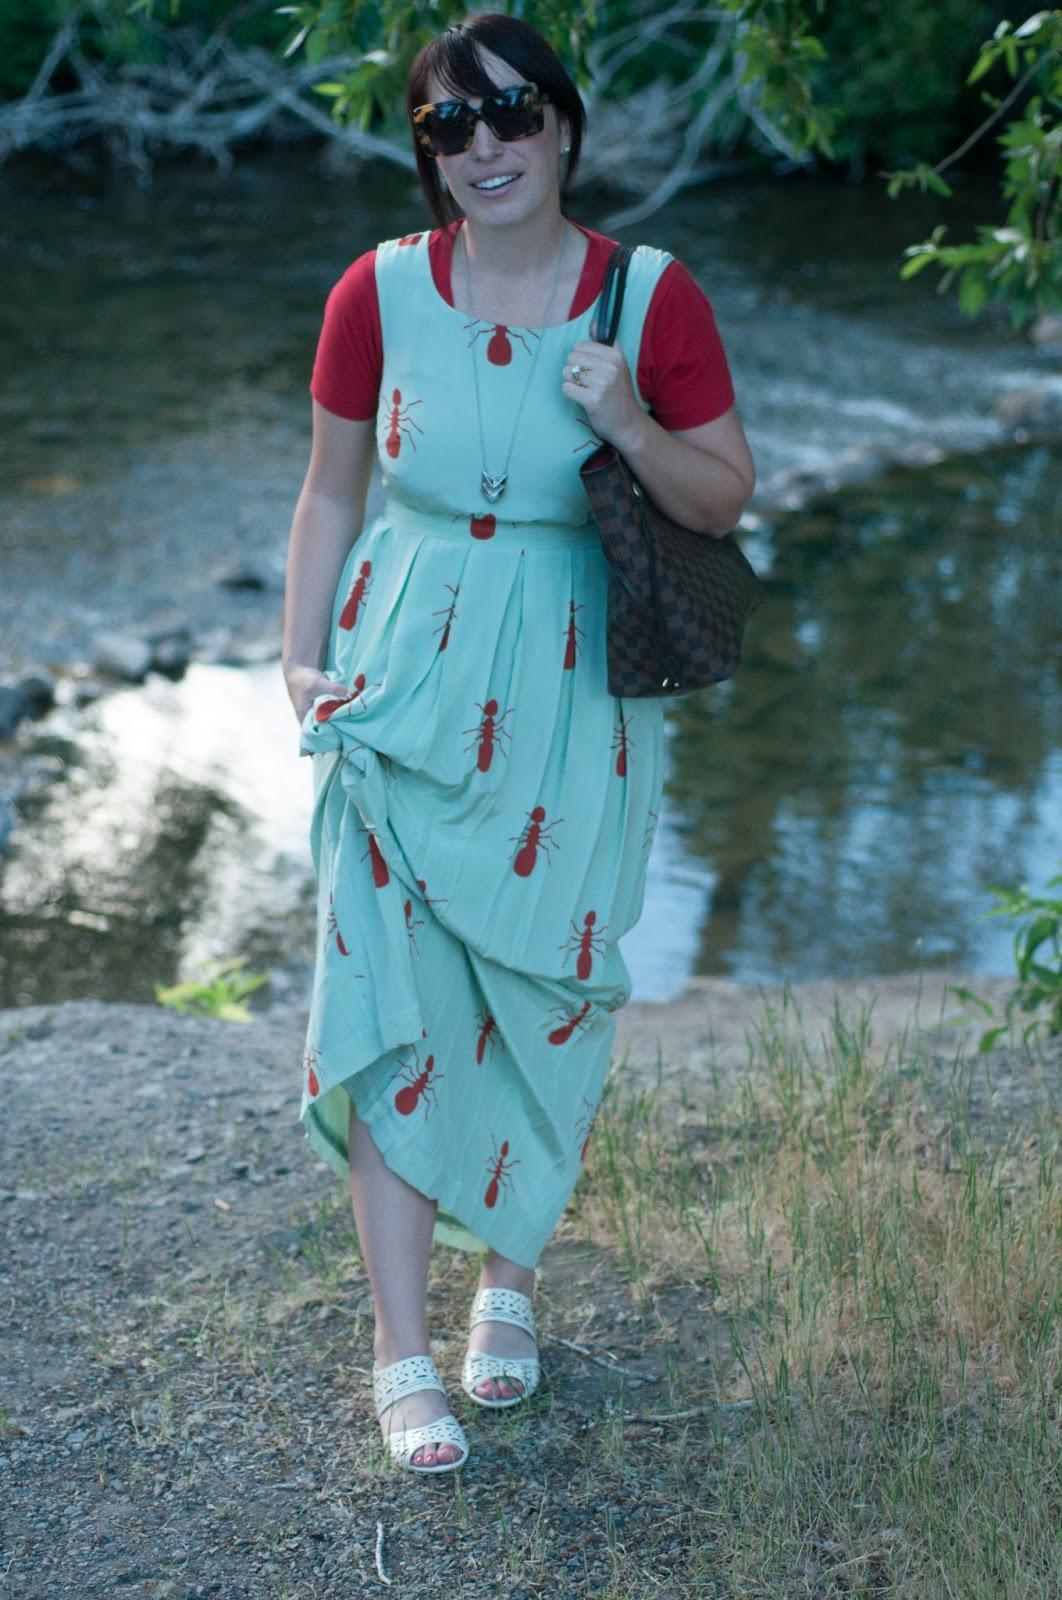 style blog, fashion blog, ootd, karen walker sunglasses, ant dress, charlotte taylor, anthropologie ootd